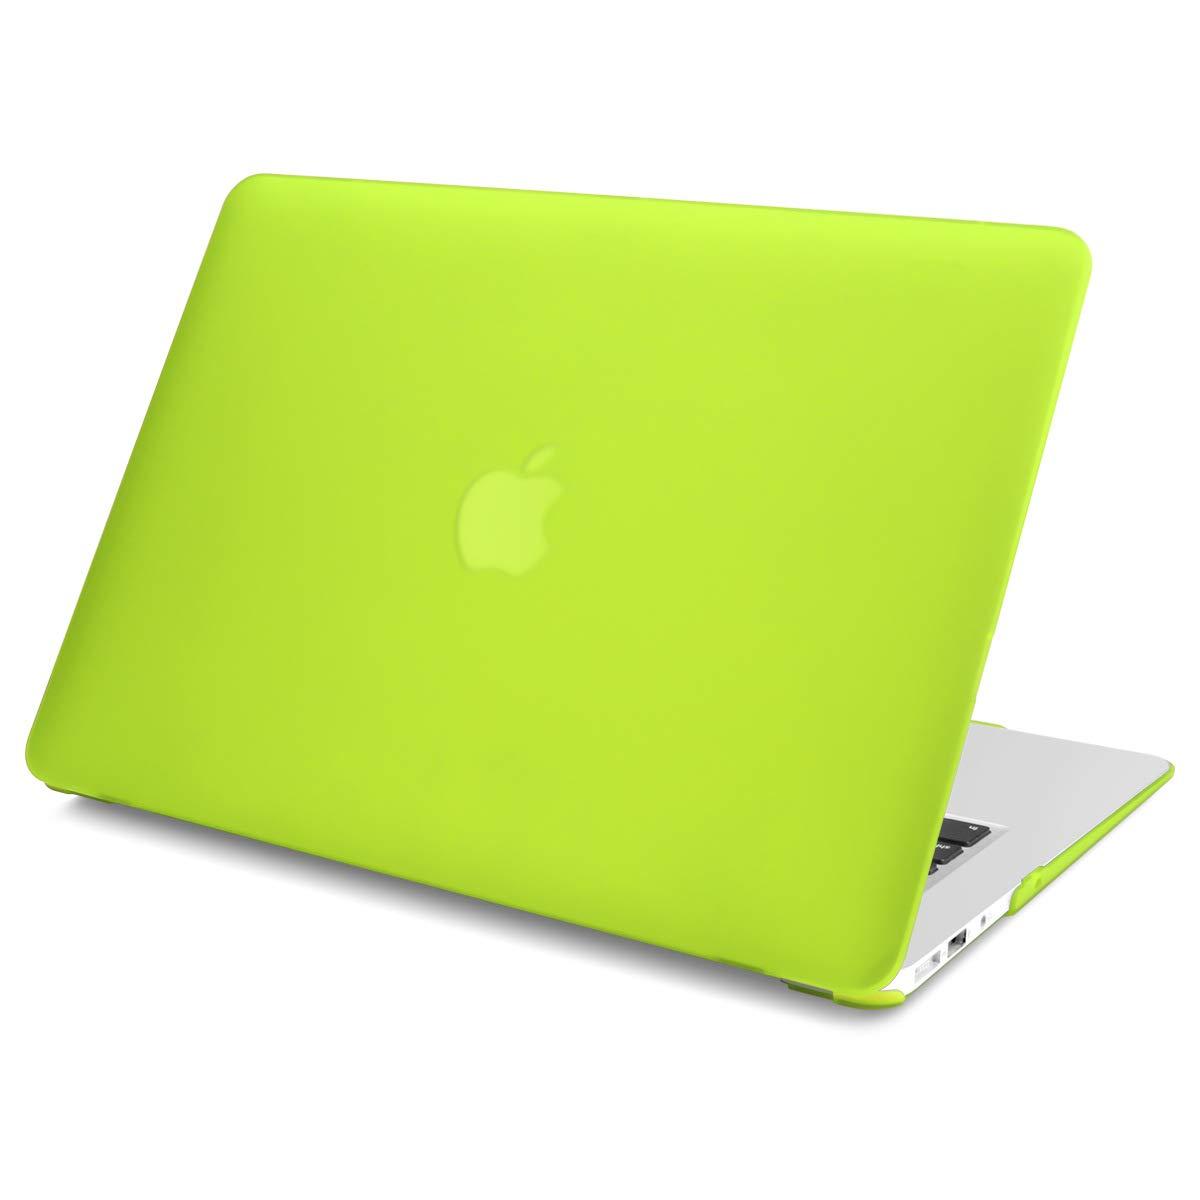 Batianda Funda Caso Mate de plástico para MacBook Retina 12 Pulgadas Case Cover Carcasa rígida Protector de plástico Cubierta - Amarillo Neon